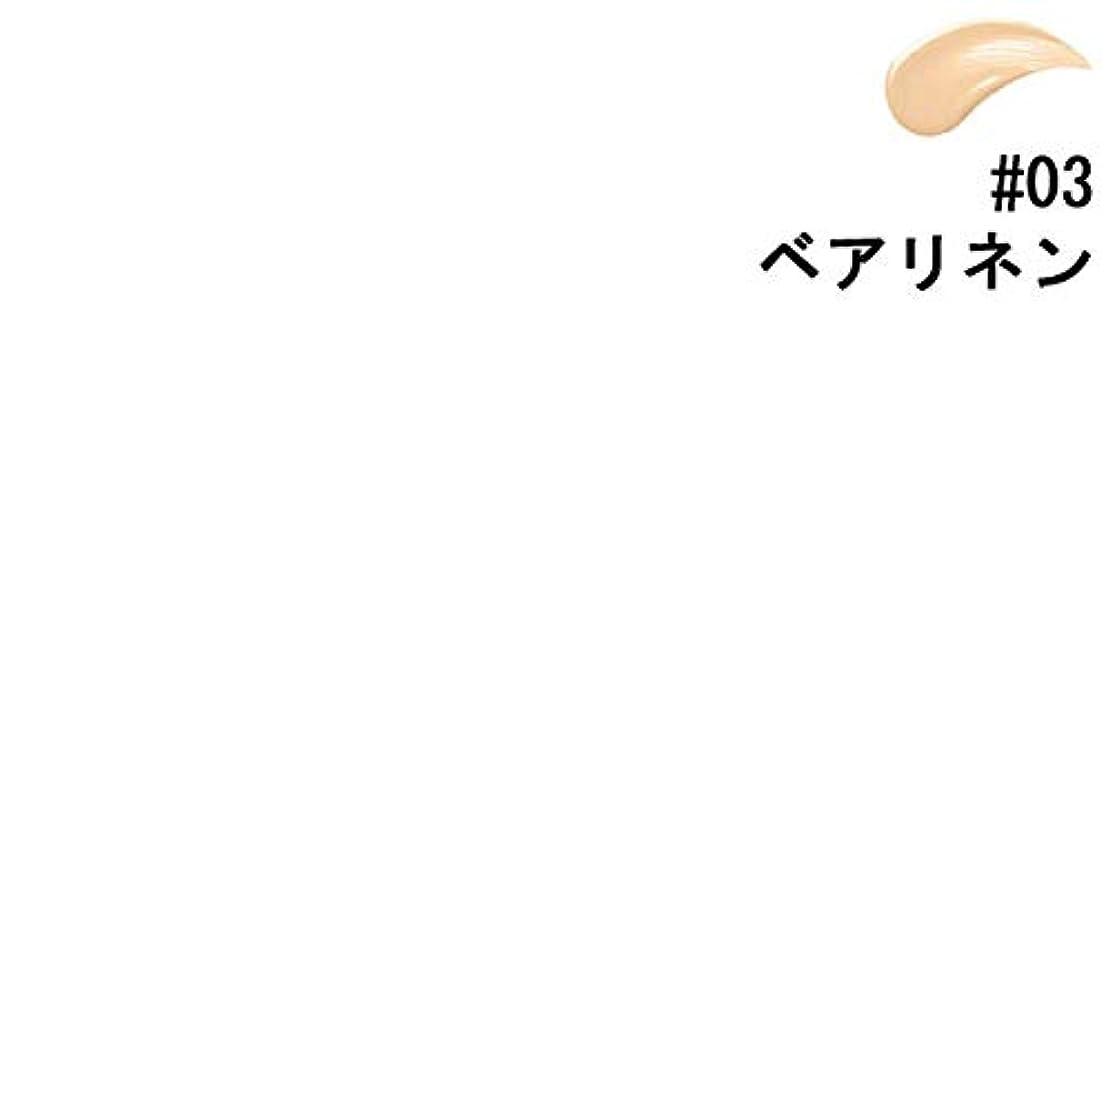 パーツ説明的閉じ込める【ベアミネラル】ベアミネラル ベア ファンデーション #03 ベアリネン 30ml [並行輸入品]